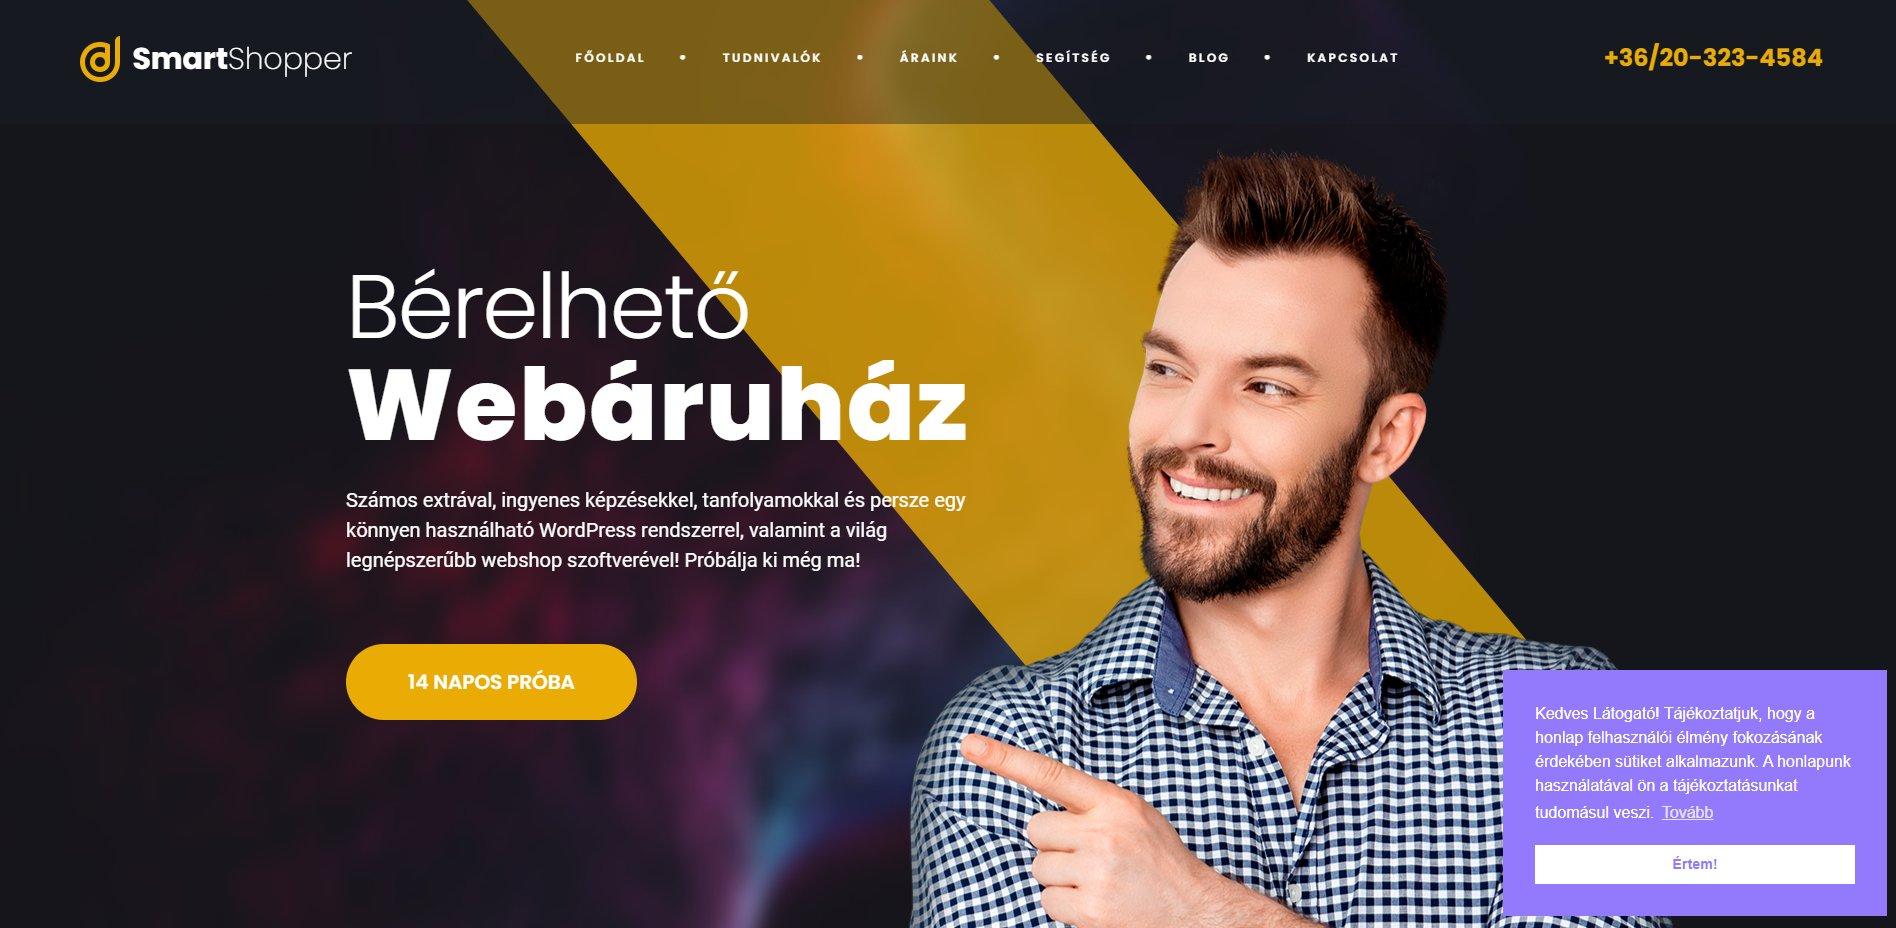 A bérelhető webáruház forradalma